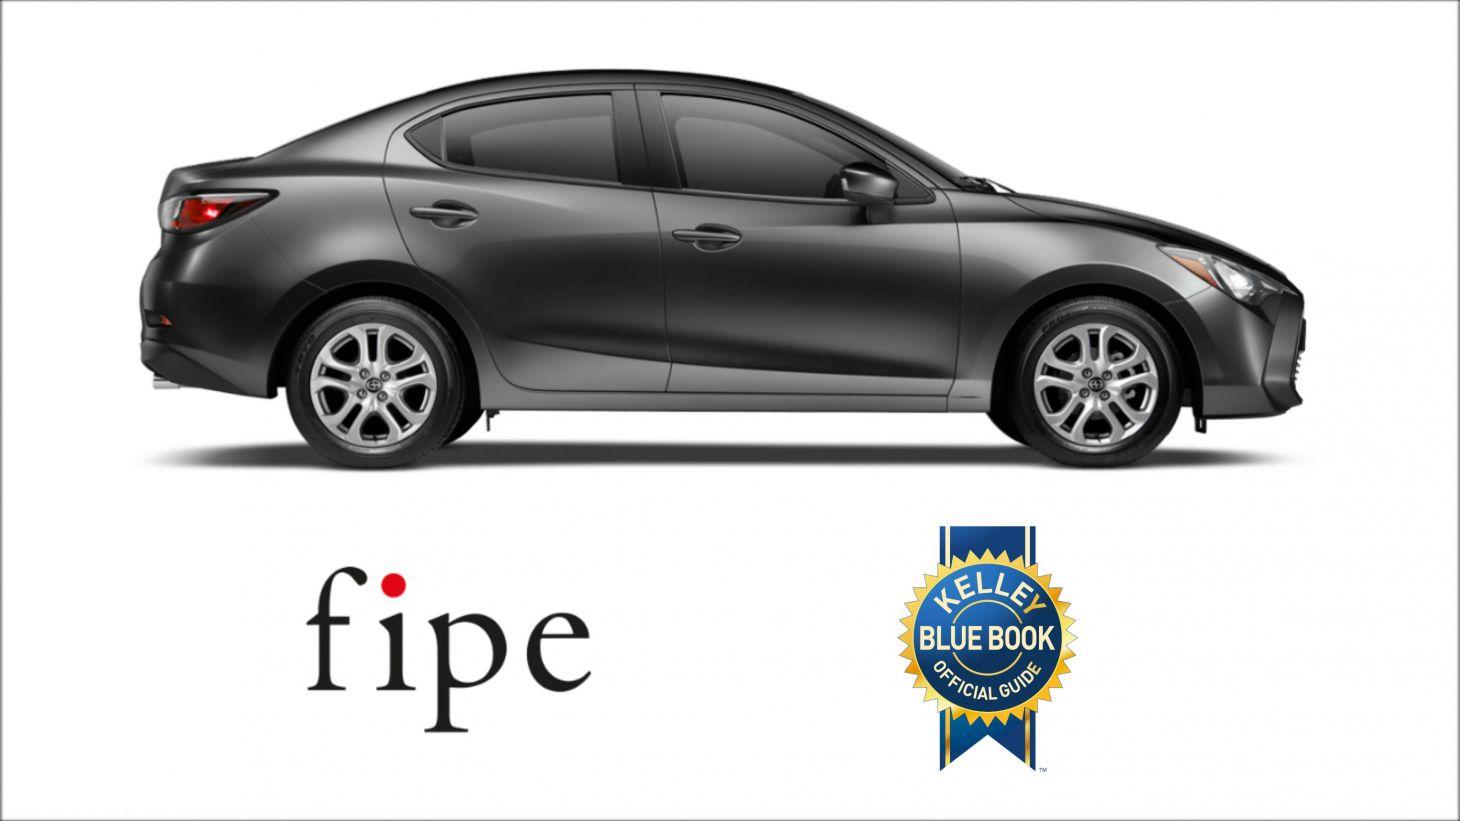 Carros usados com a lateral direita em detalhe junto da logomarca da Fipe e KBB